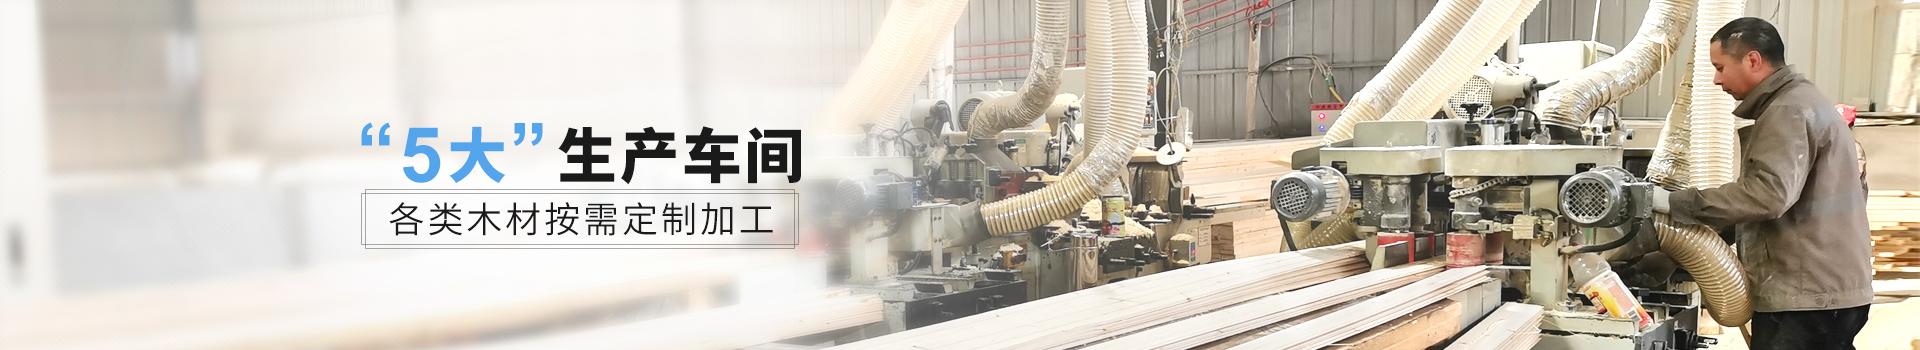 新弘瑞森,5大生产车间,各类木材按需定制加工